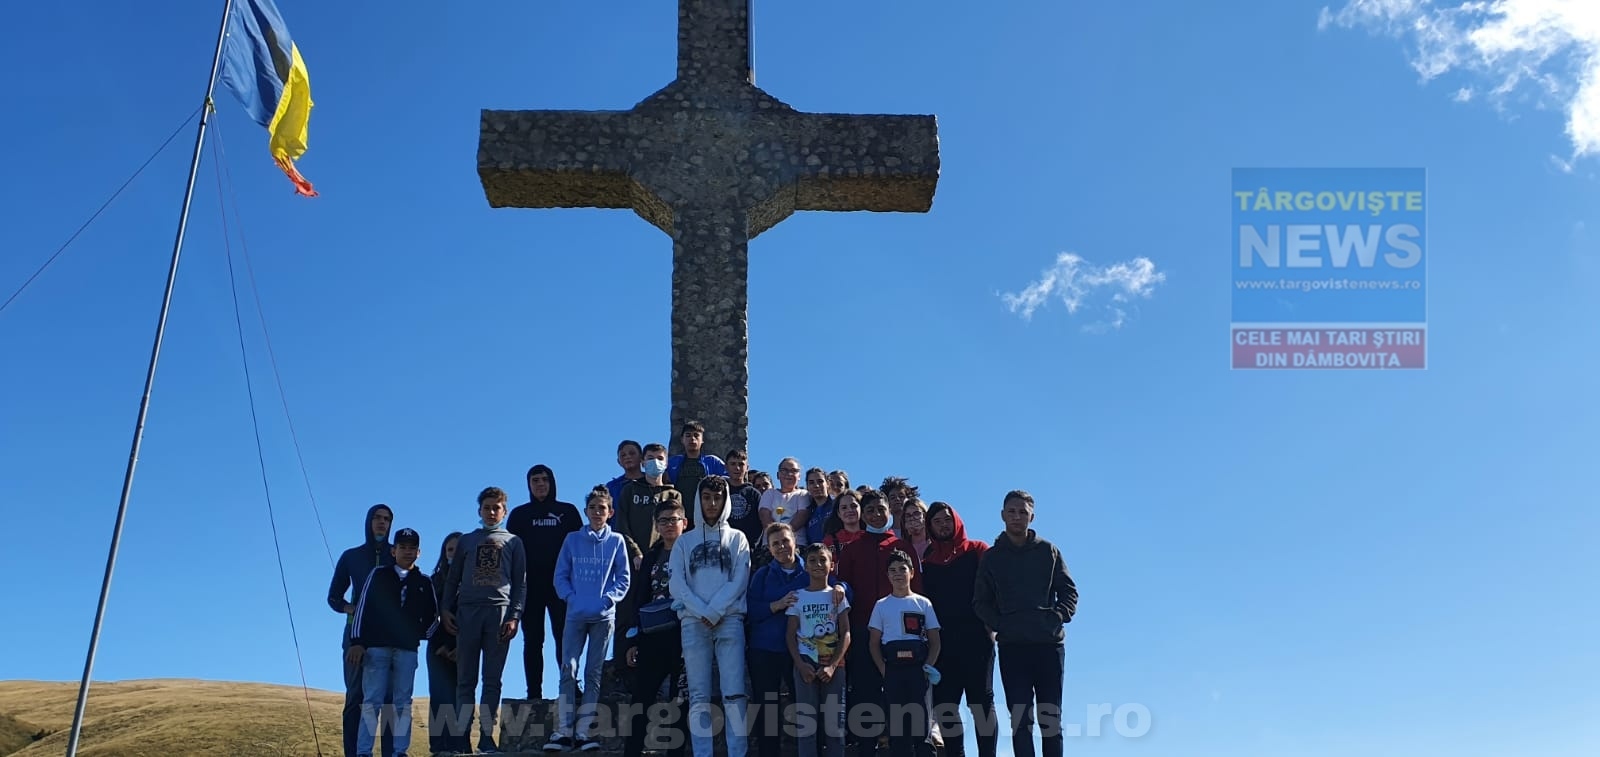 30 de copii cu rezultate bune la învăţătură au primit cadou o tabără la munte